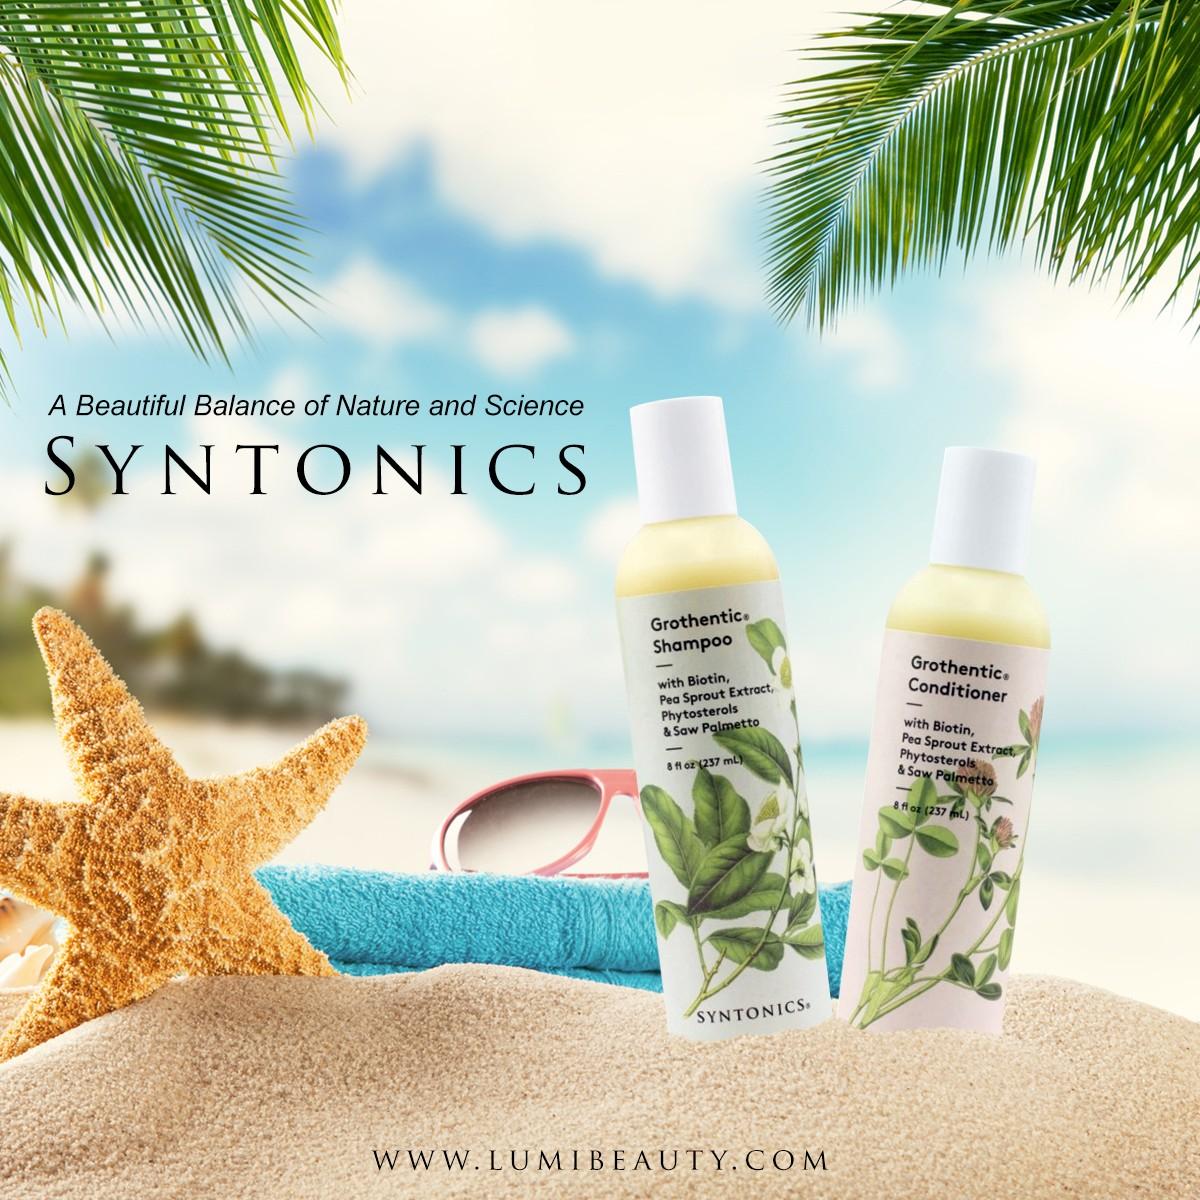 visuel pour lumibeauty produits syntonics